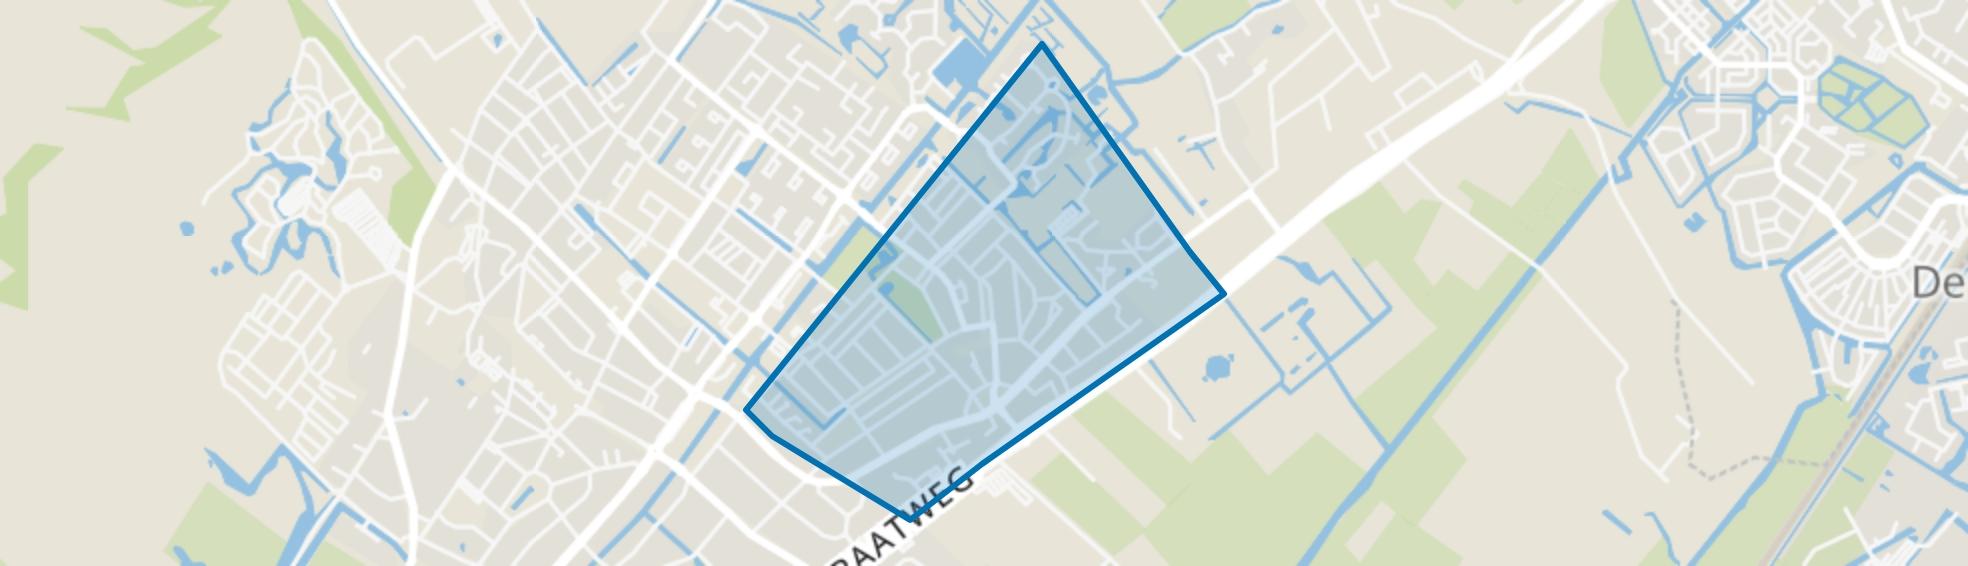 Groot Deijleroord en Ter Weer, Wassenaar map